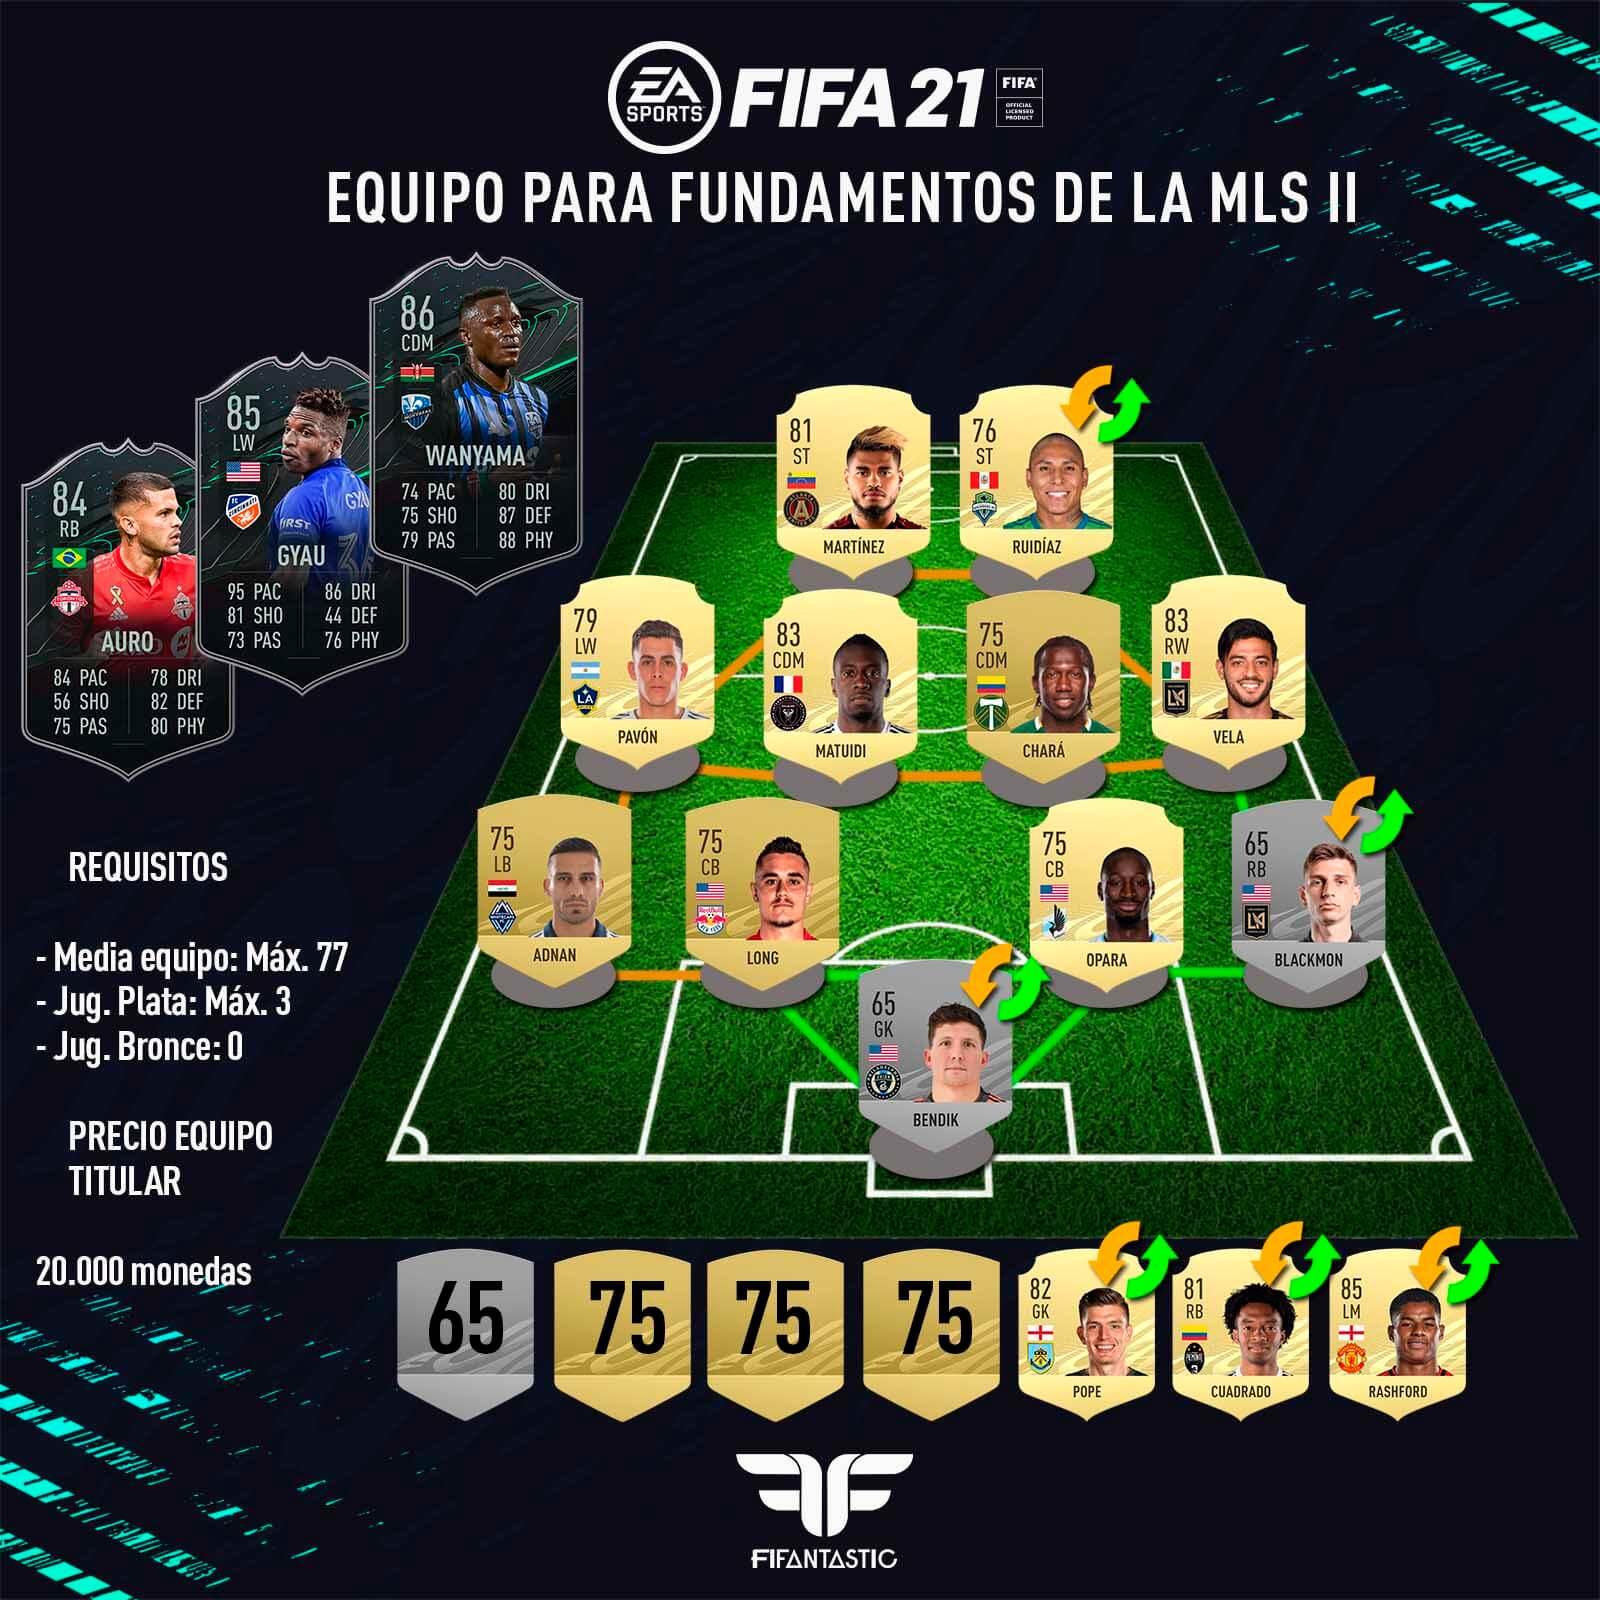 Equipo para los Fundamentos de la MLS II de FIFA 21 Ultimate Team